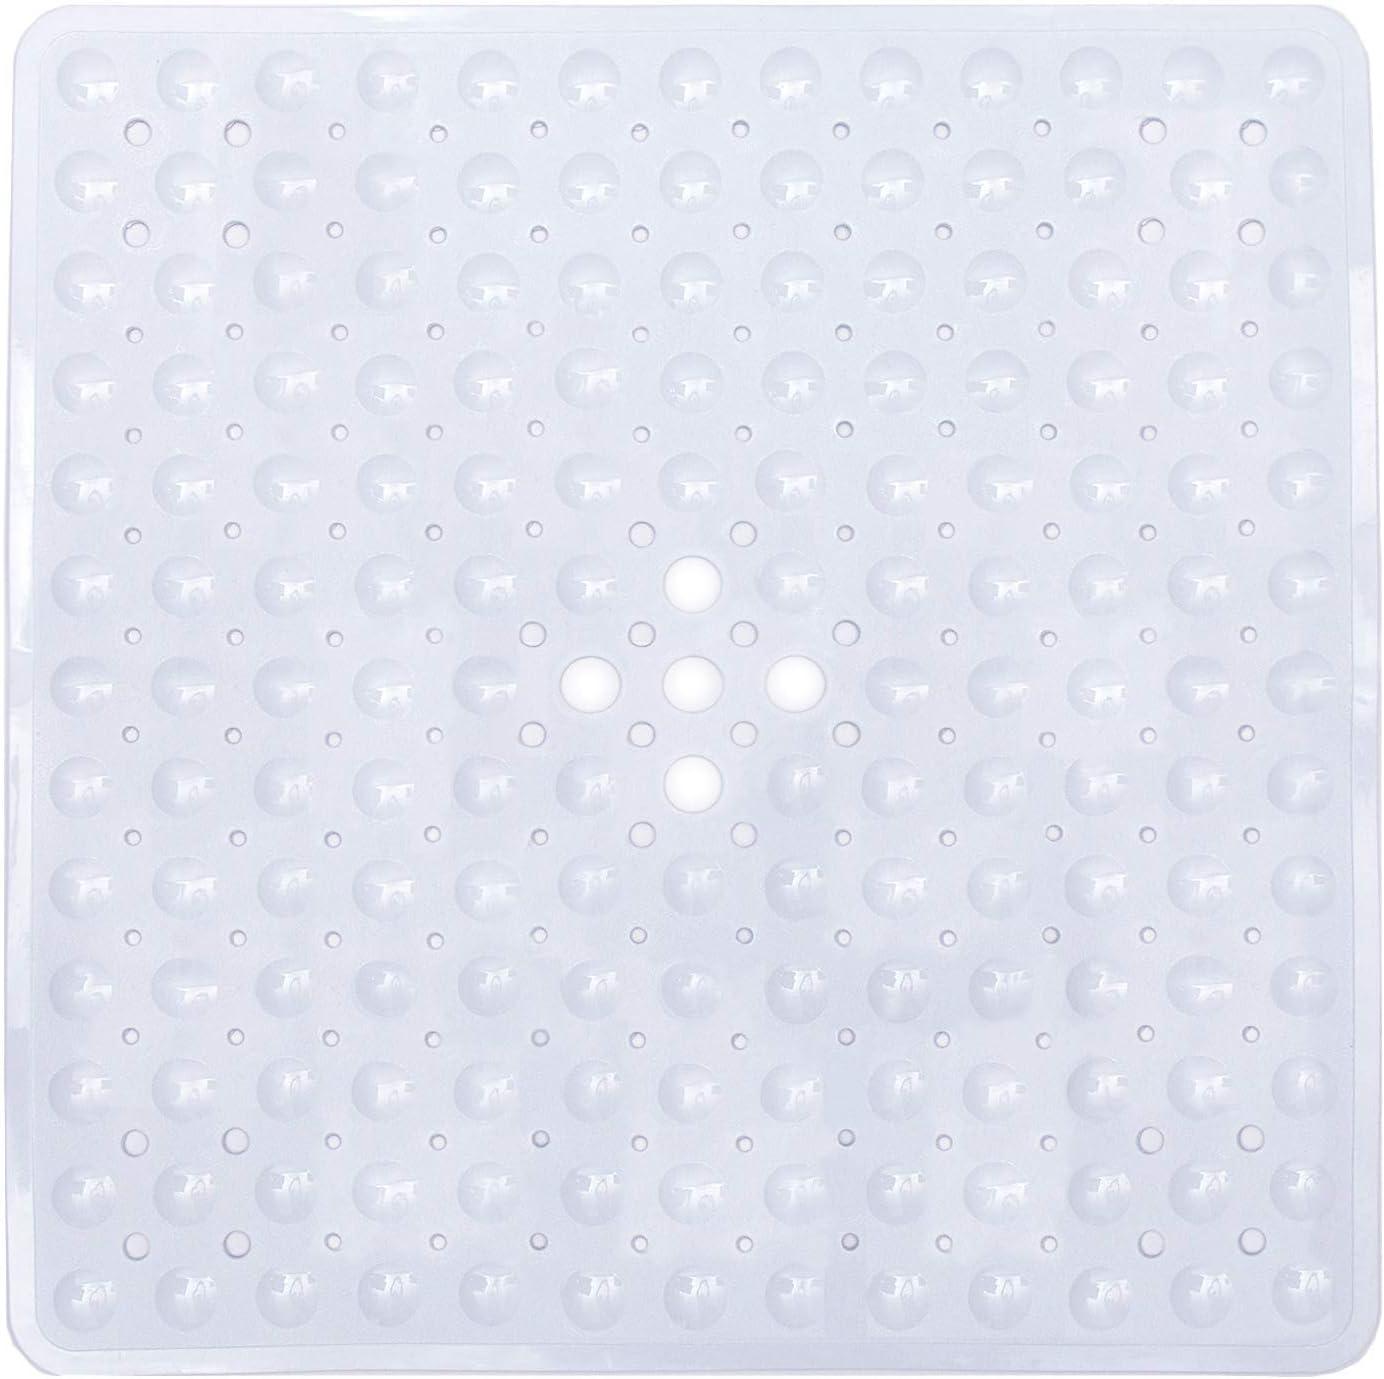 Ruiuzi - Alfombrilla de baño antideslizante lavable a máquina, antibacteriana, BPA, látex, sin ftalatos, alfombra de baño cuadrada con orificios de drenaje, ventosas, caucho, transparente, 53cm*53cm